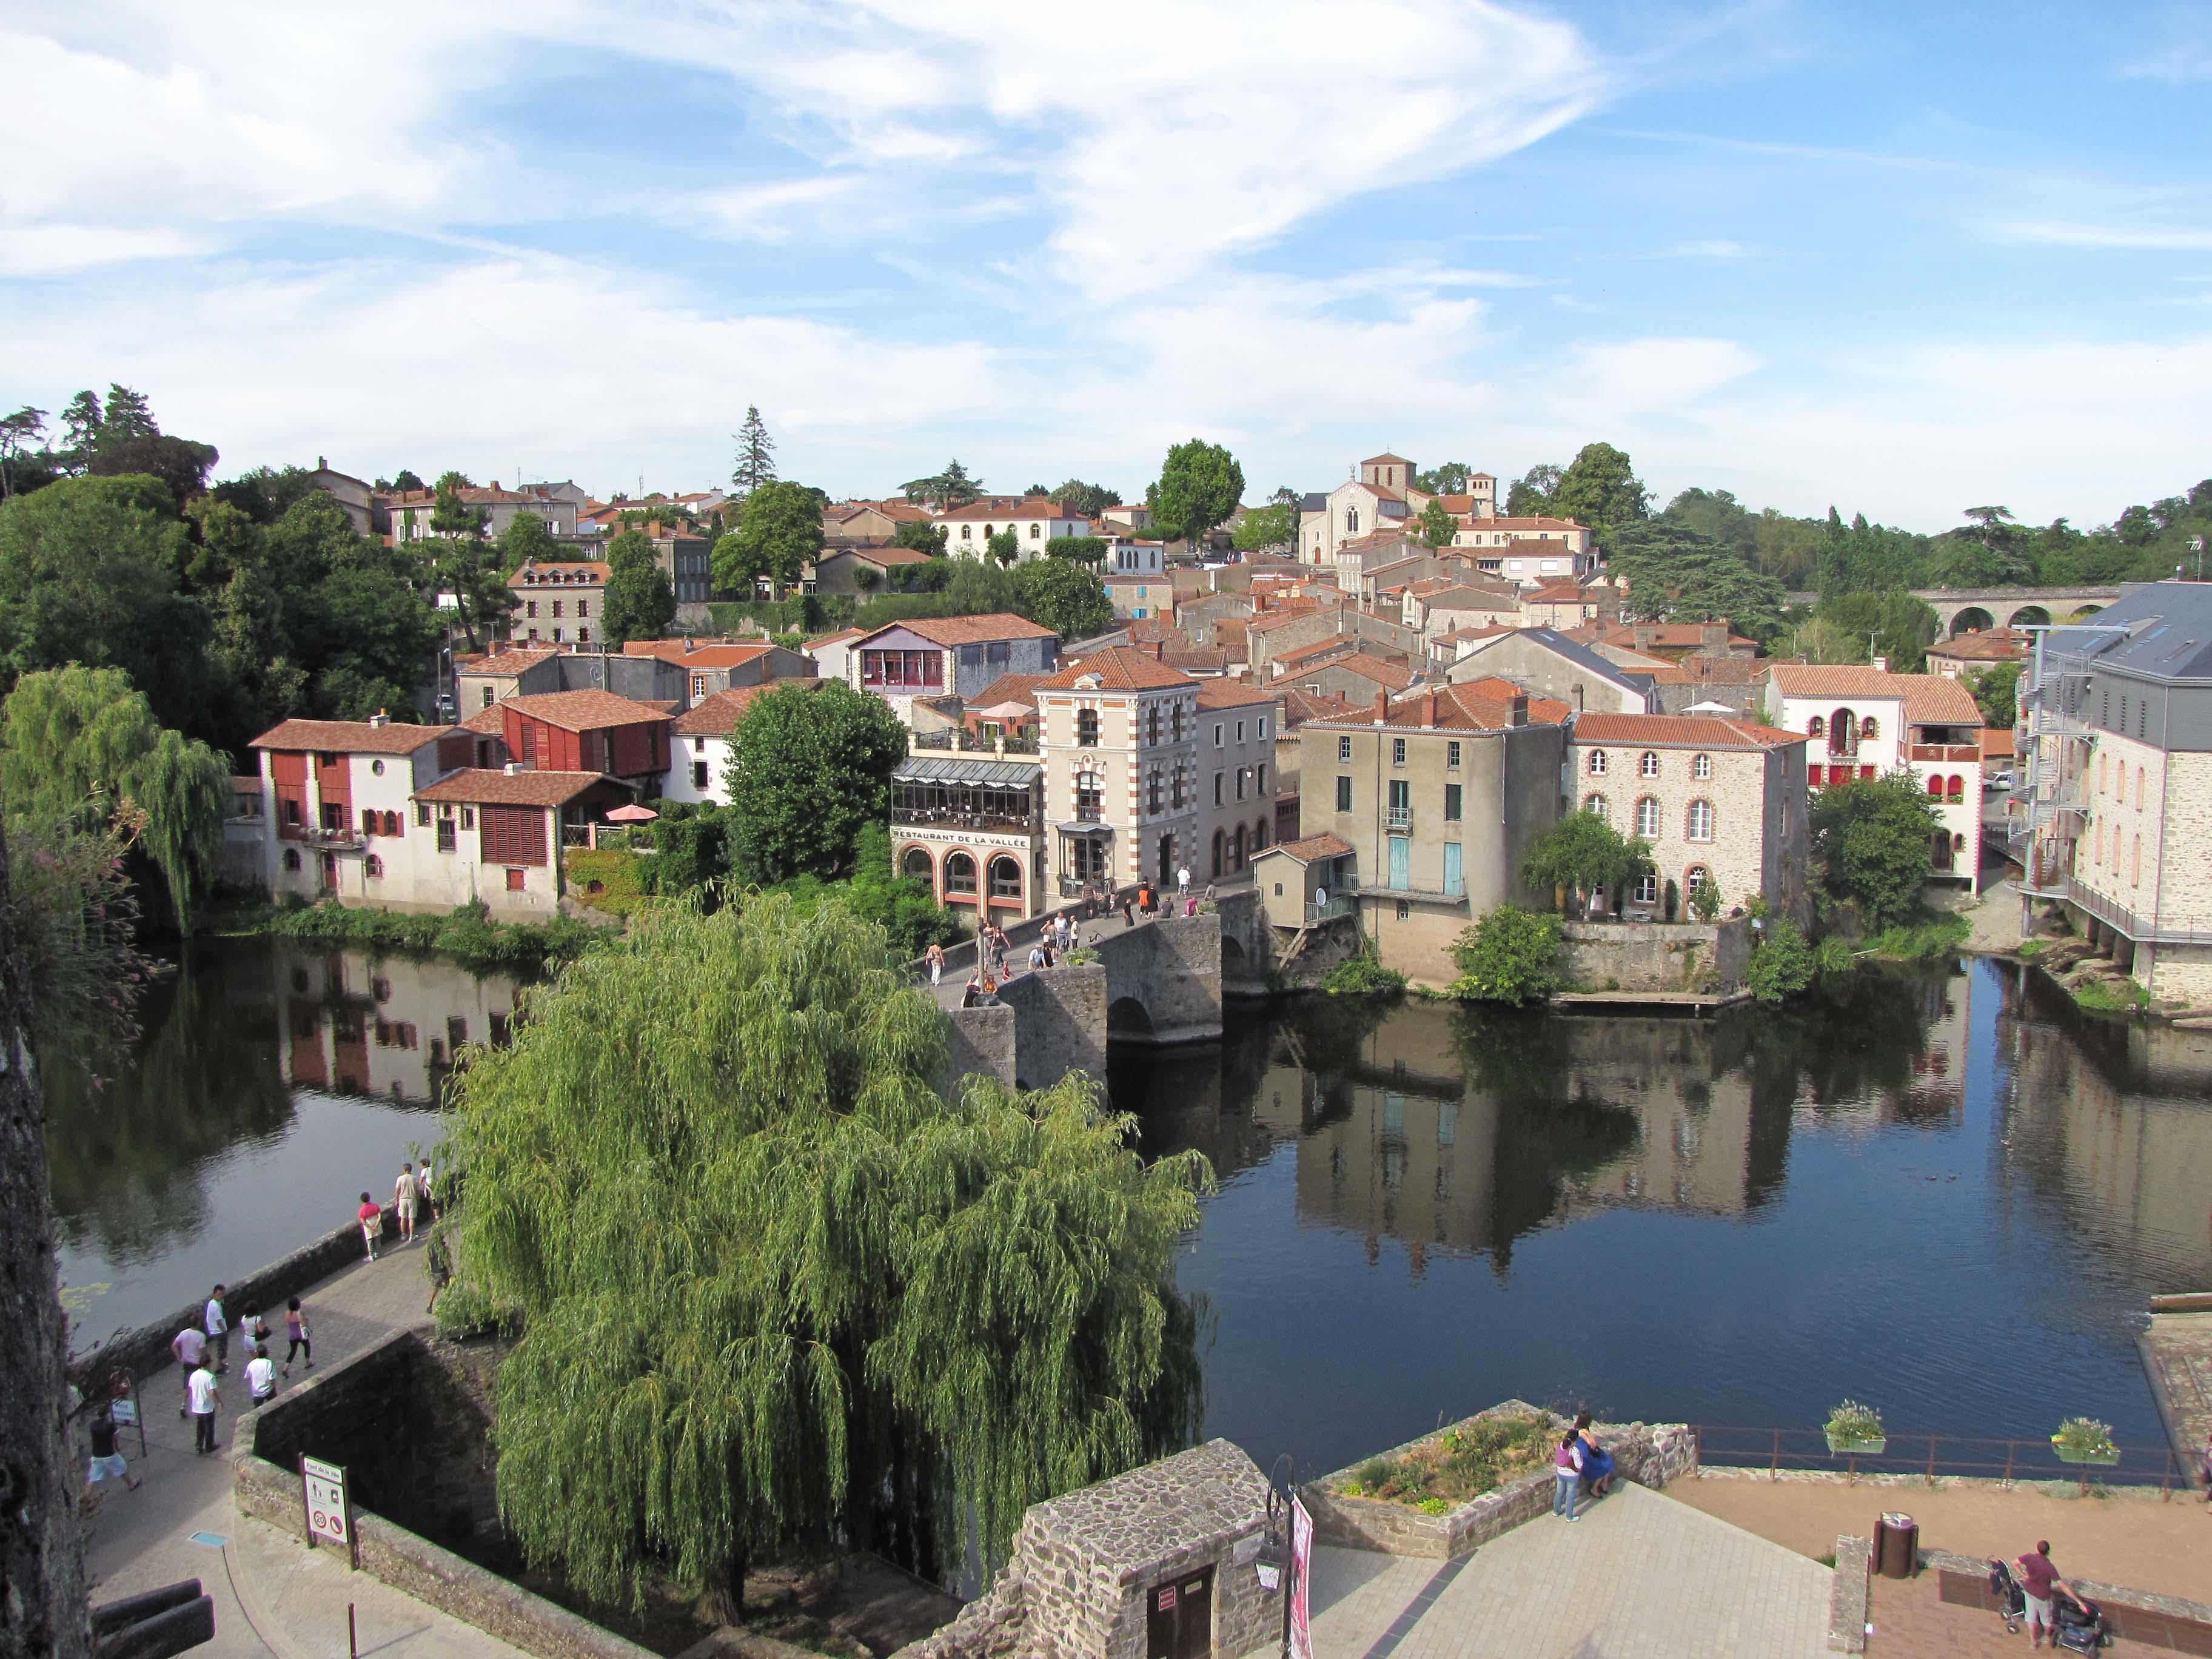 Ville de Clisson